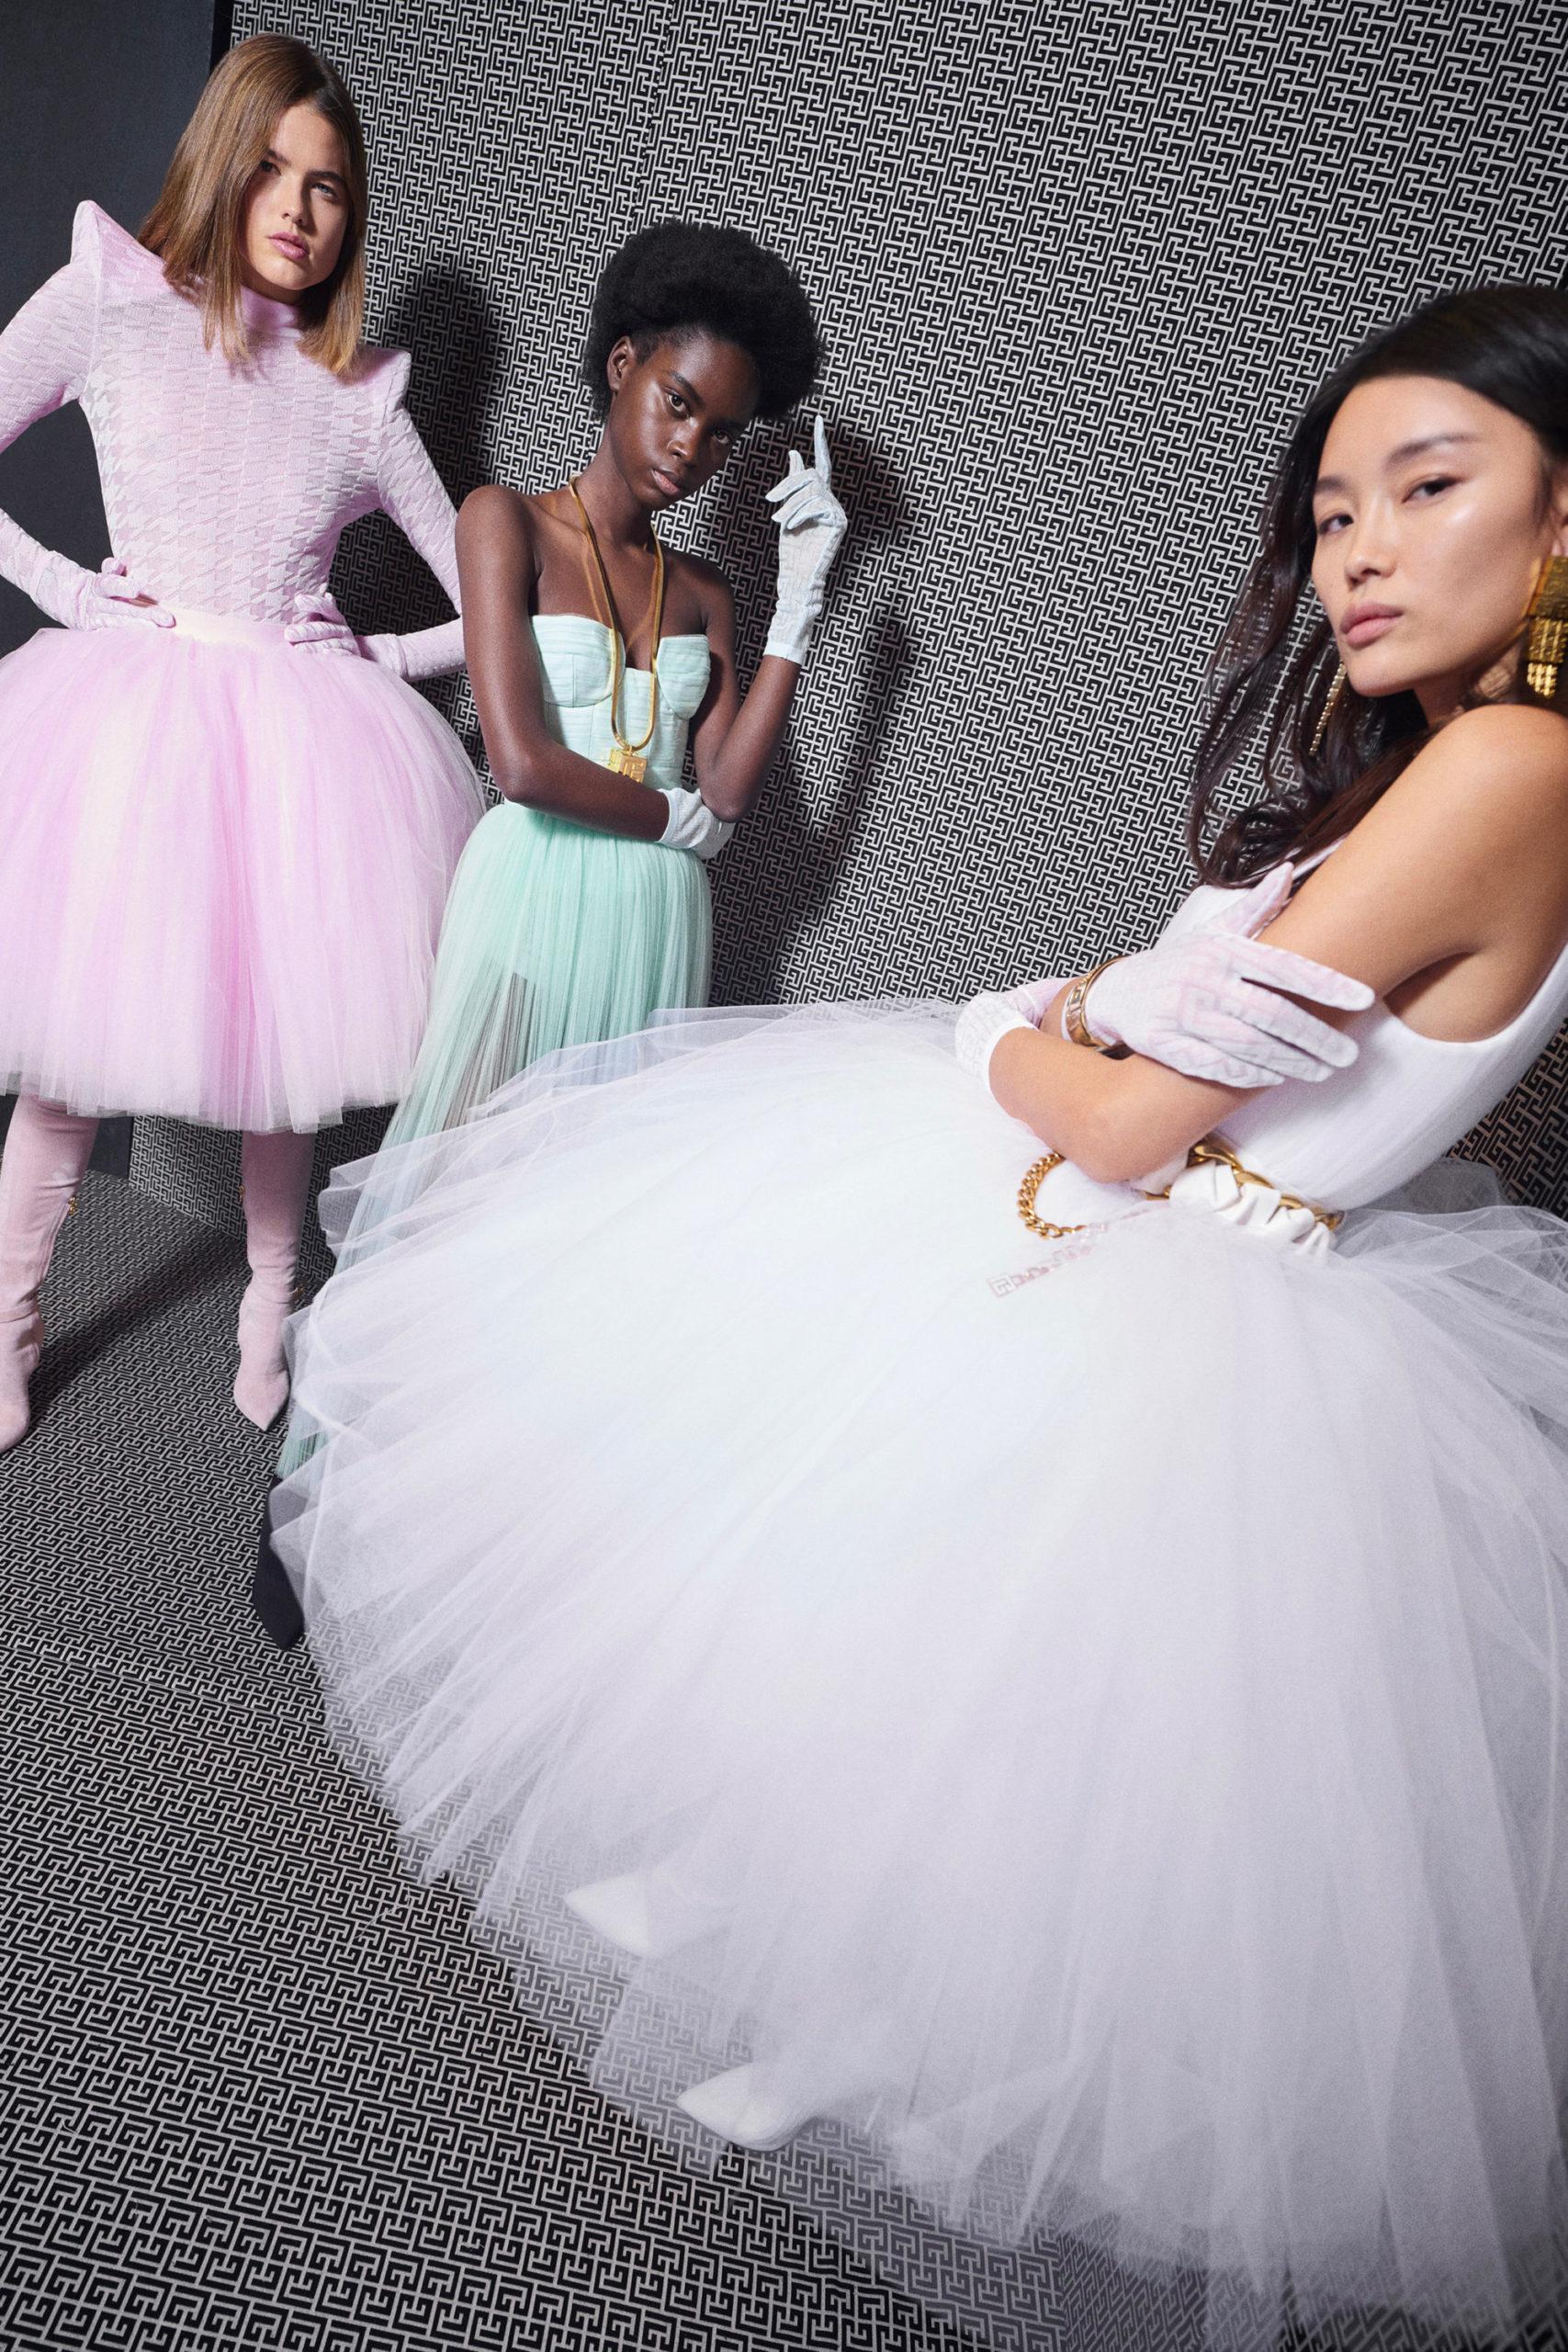 Платье с расклешённой статичной юбкой, платье выпускницы от Balmain модель 2022 года